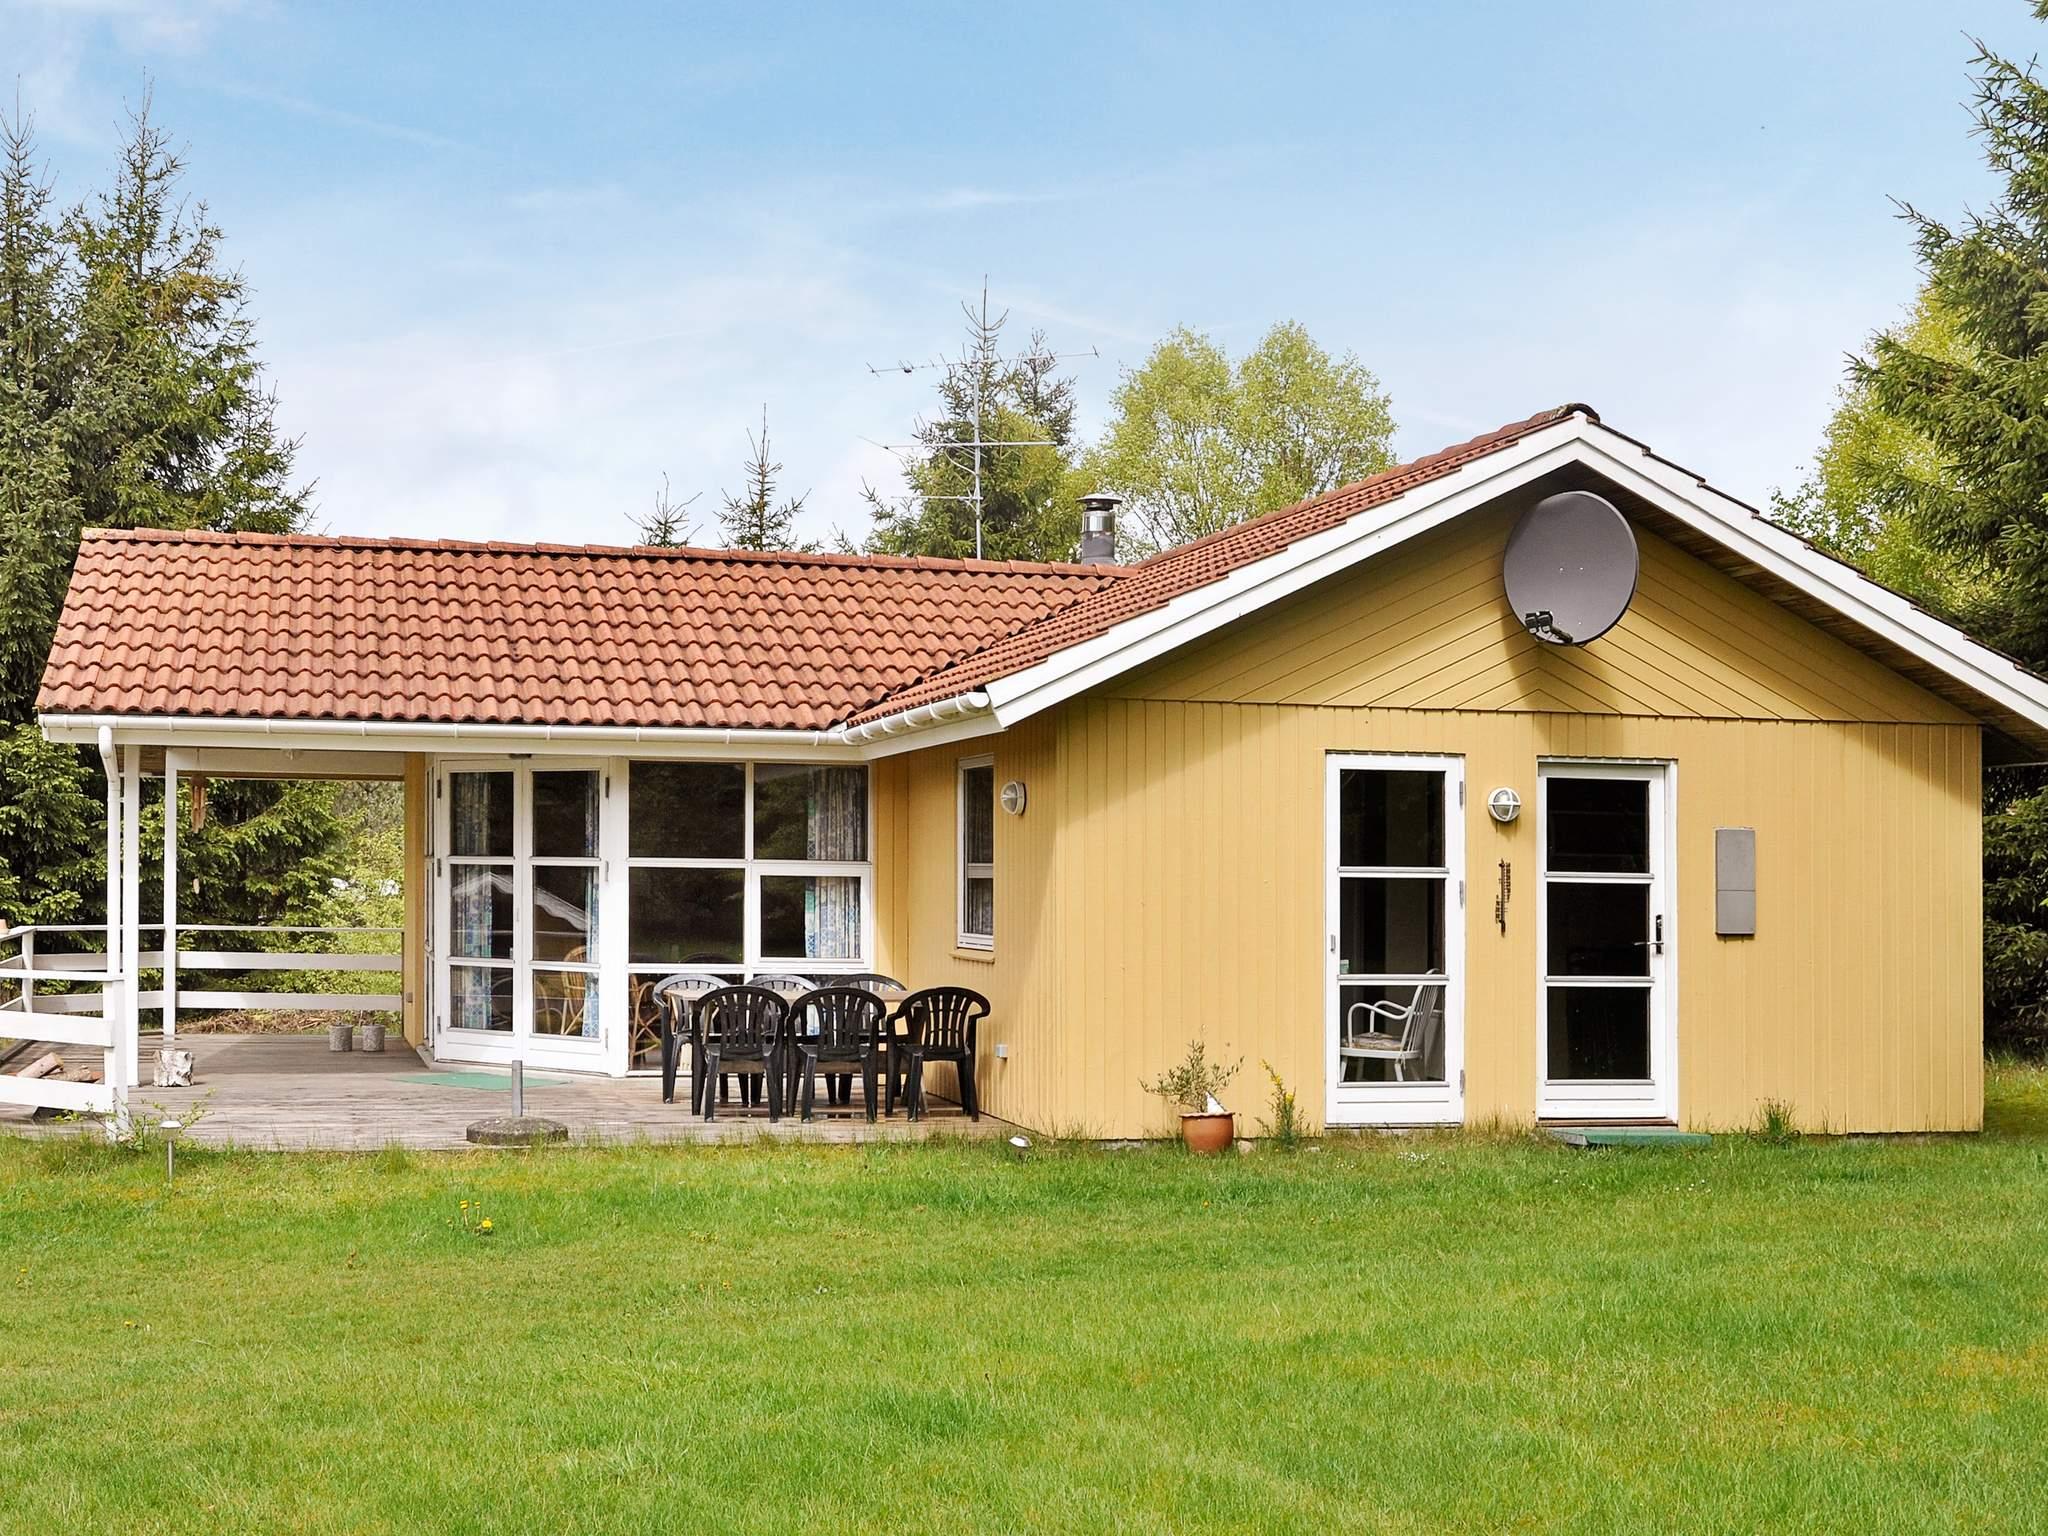 Ferienhaus Silkeborg (995795), Silkeborg, , Ostjütland, Dänemark, Bild 17